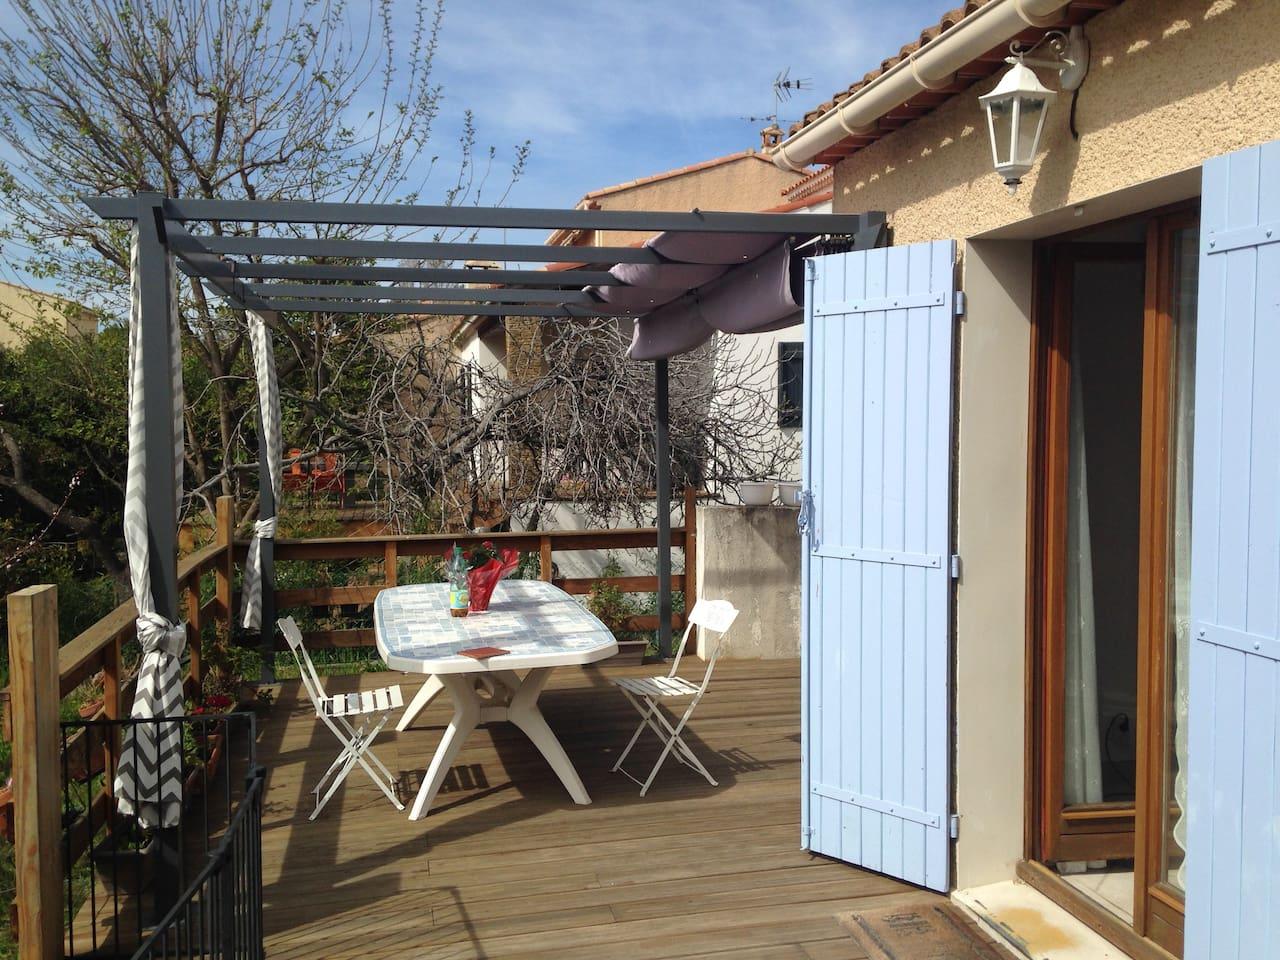 une belle terrasse avec vue sur le jardin pour vos barbecues